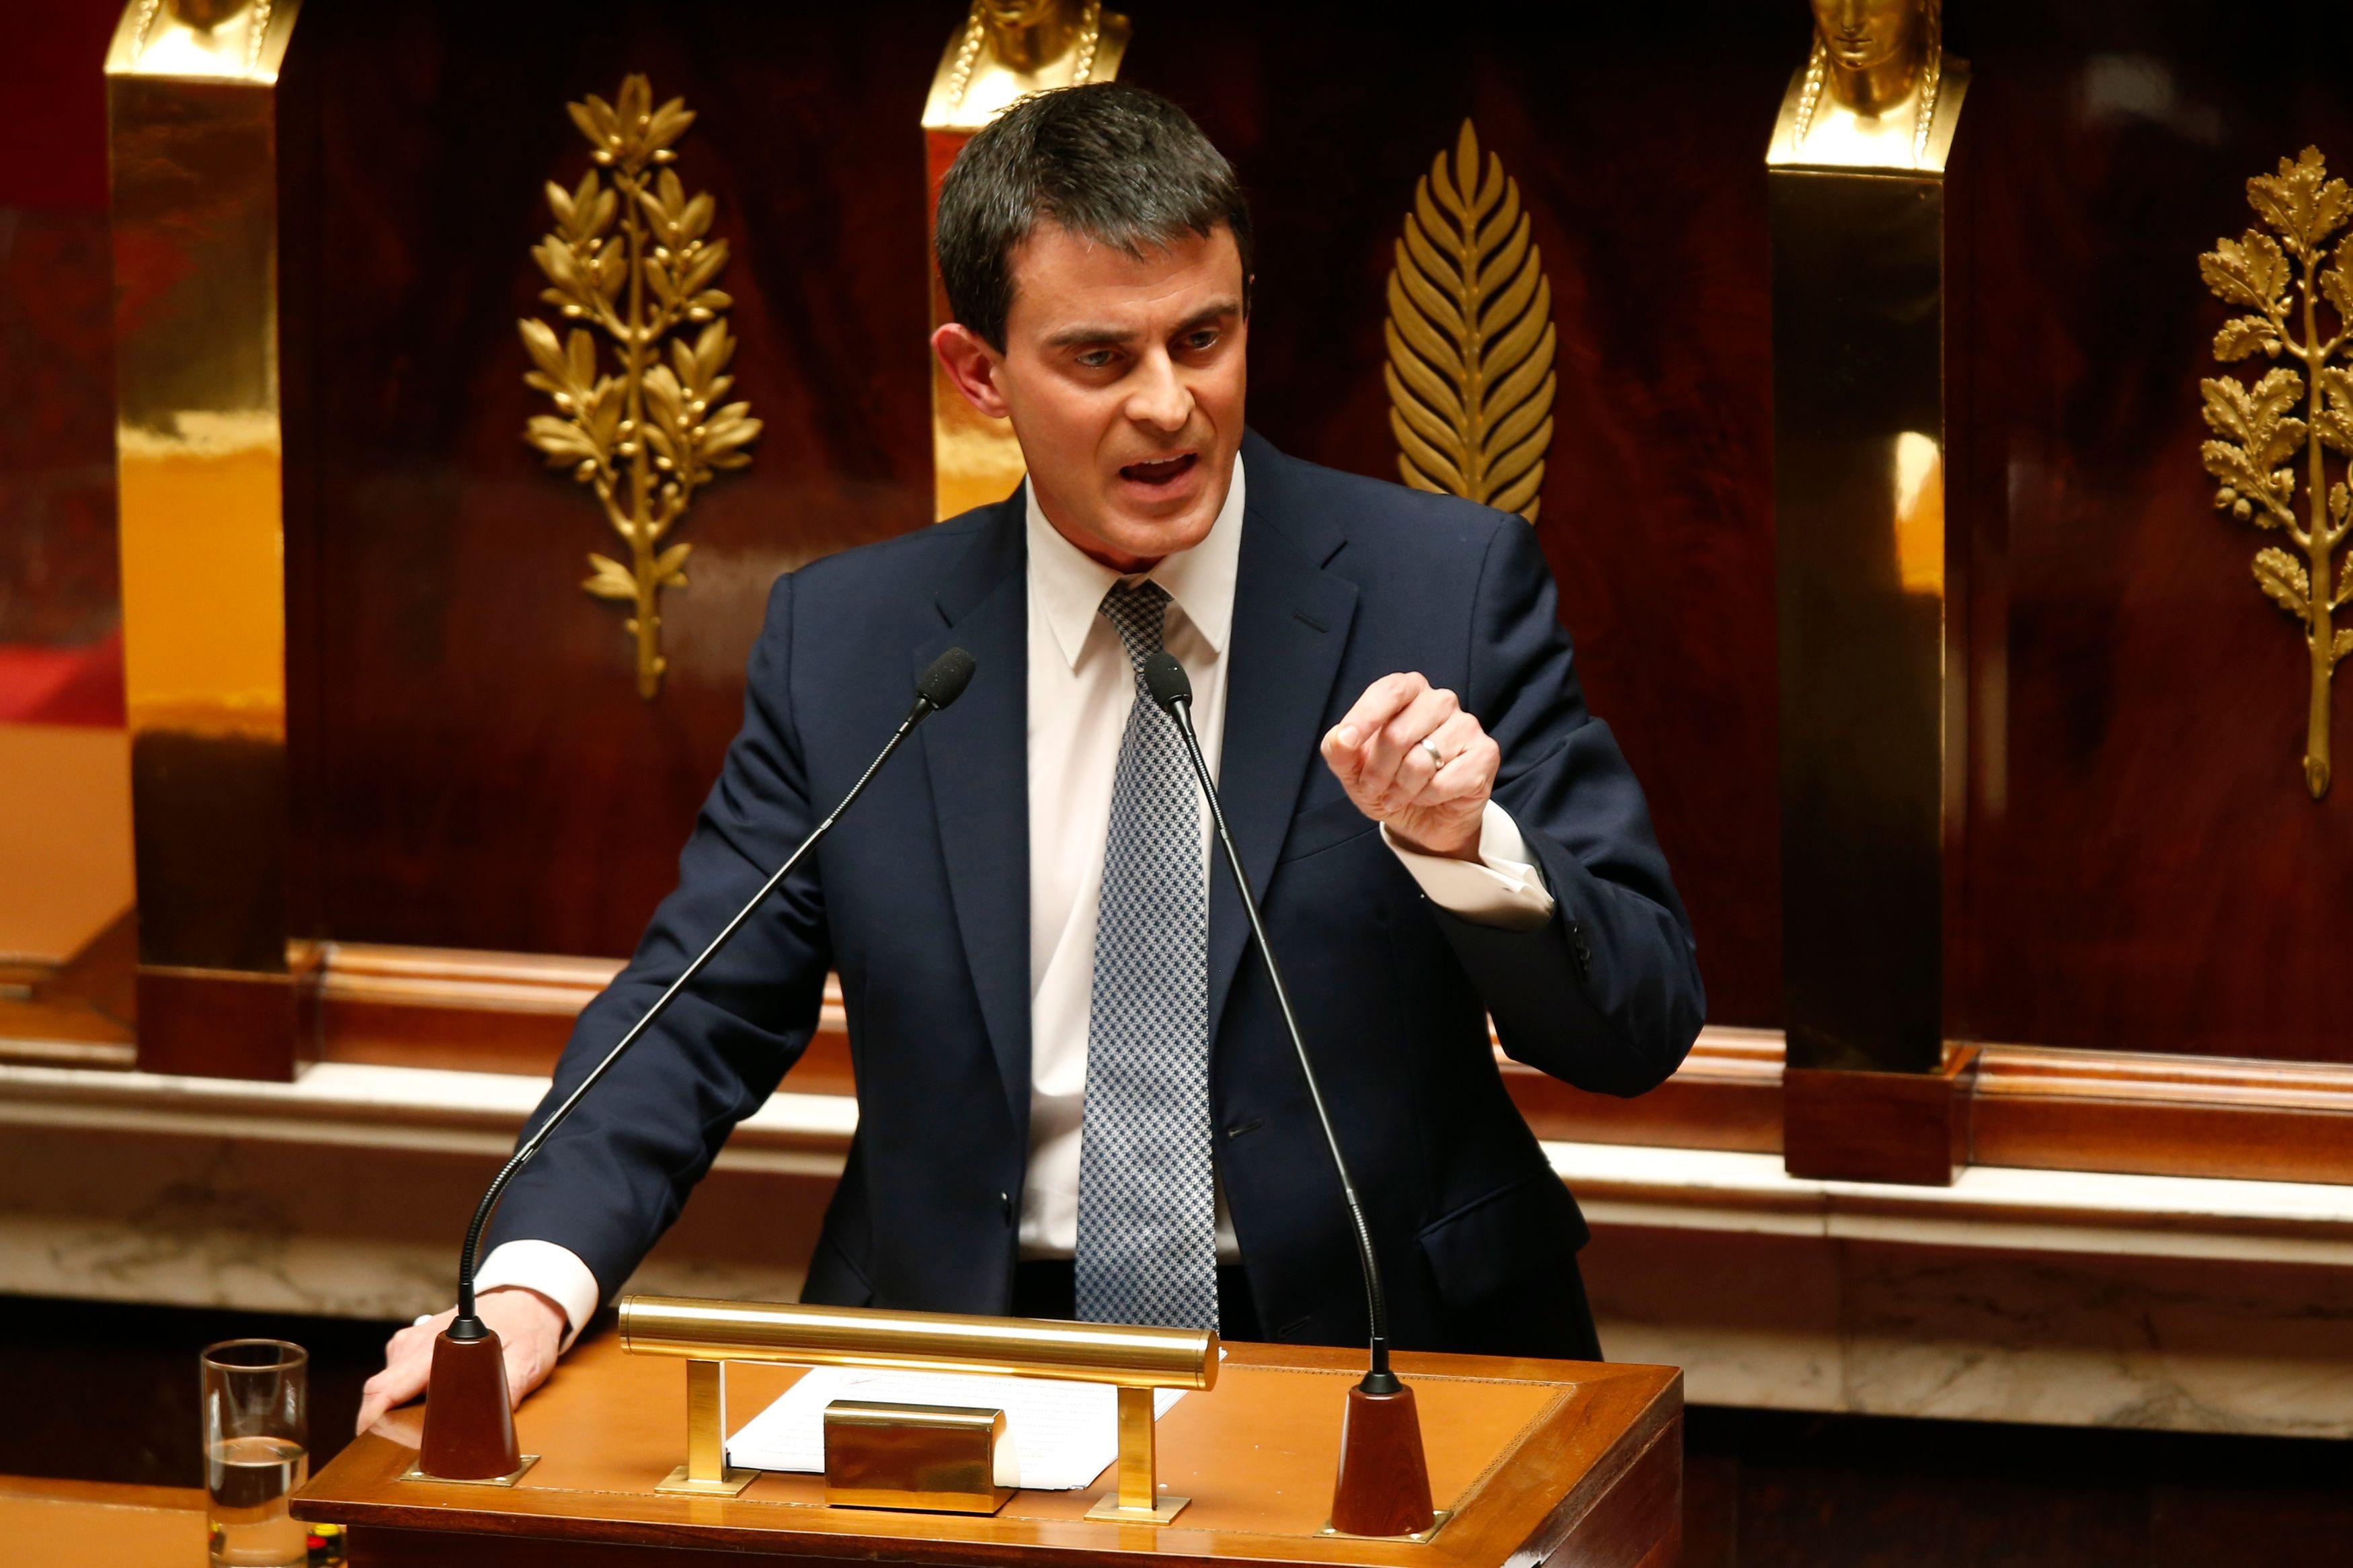 Le Premier ministre a prononcé devant les parlementaires son discours de politique générale hier.